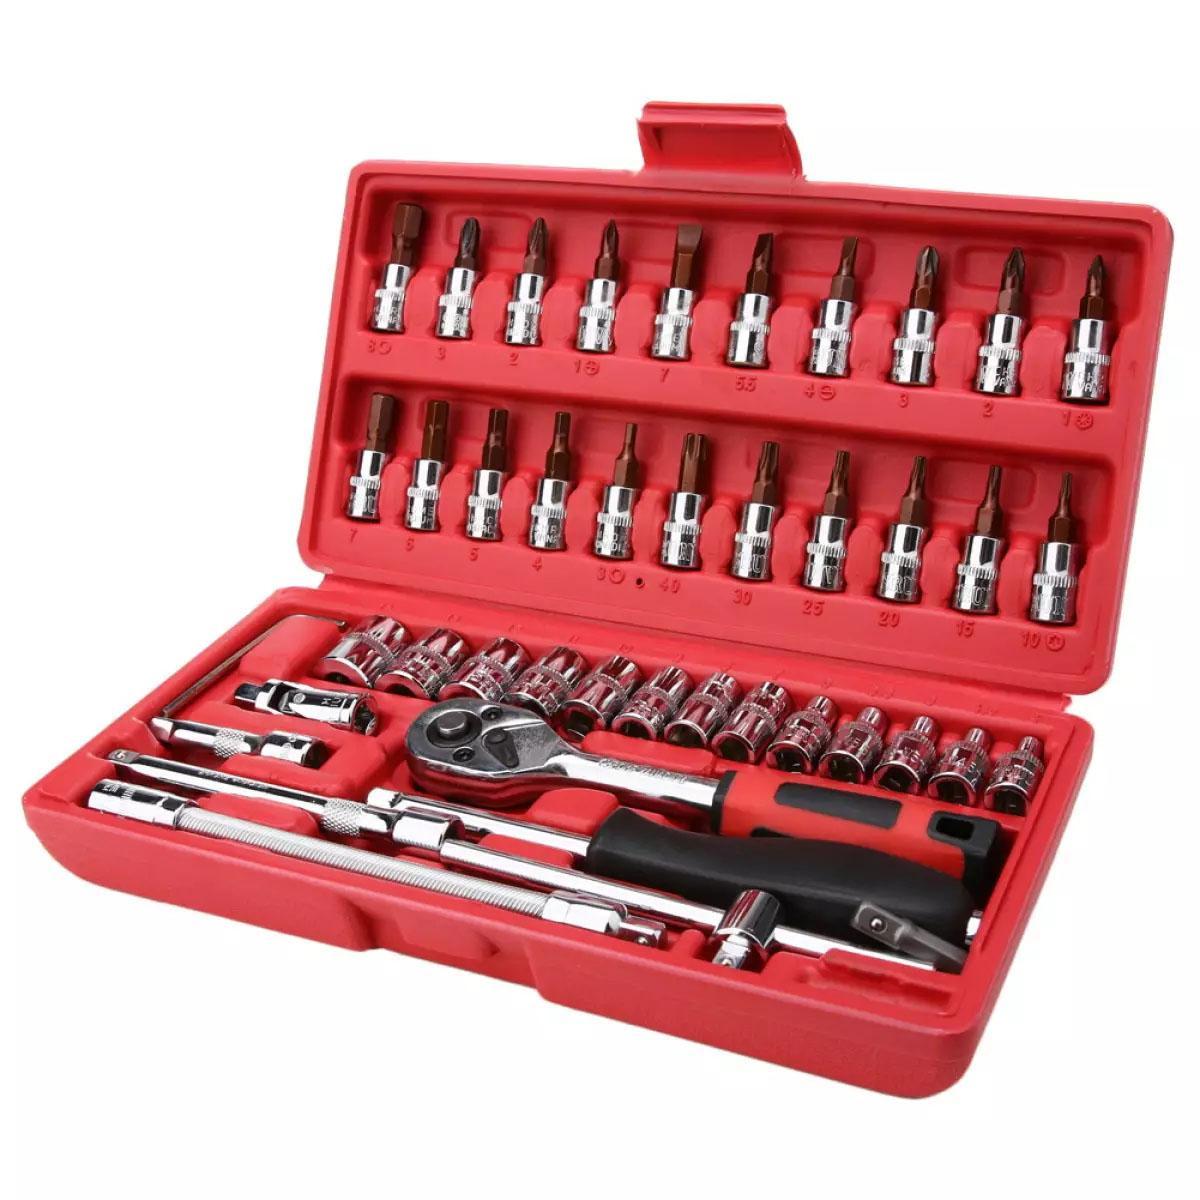 Bộ dụng cụ cầm tay 46pc Bộ dụng cụ cầm tay 1/4 Dụng cụ sửa chữa xe Tay cầm bàn chải Ratchet Công cụ - intl